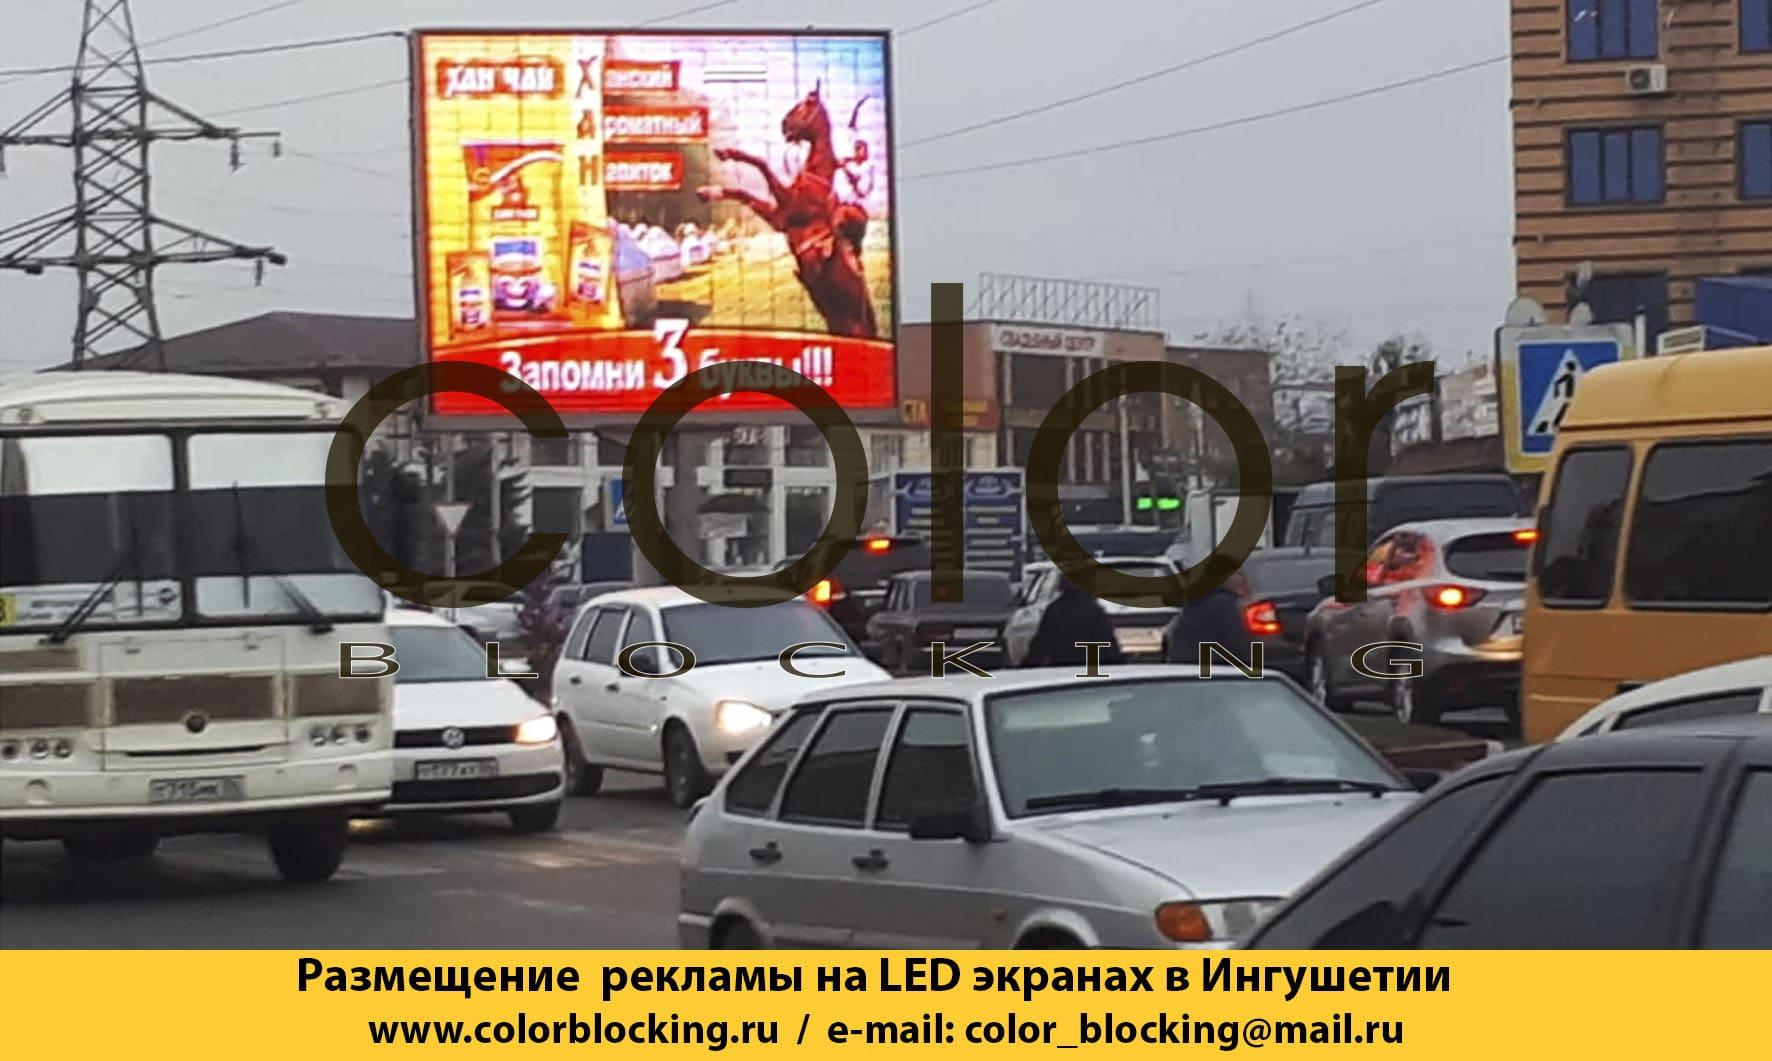 Реклама на билбордах в Грозном экран